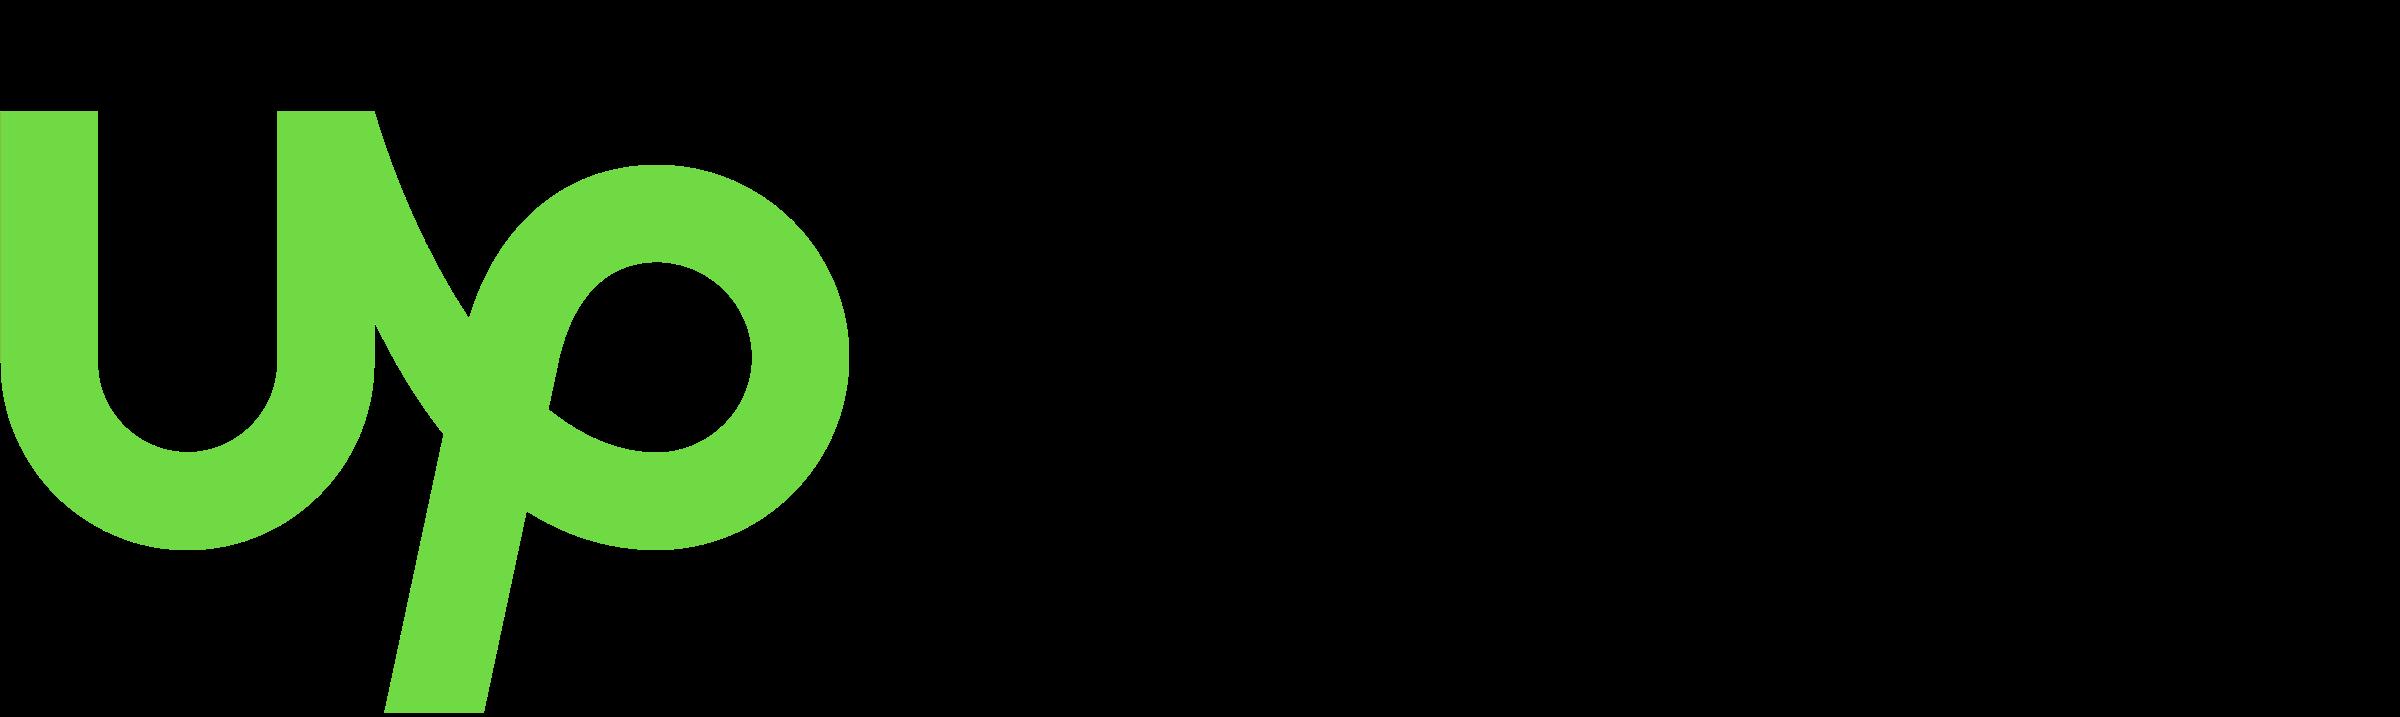 upwork-logo-png-transparent